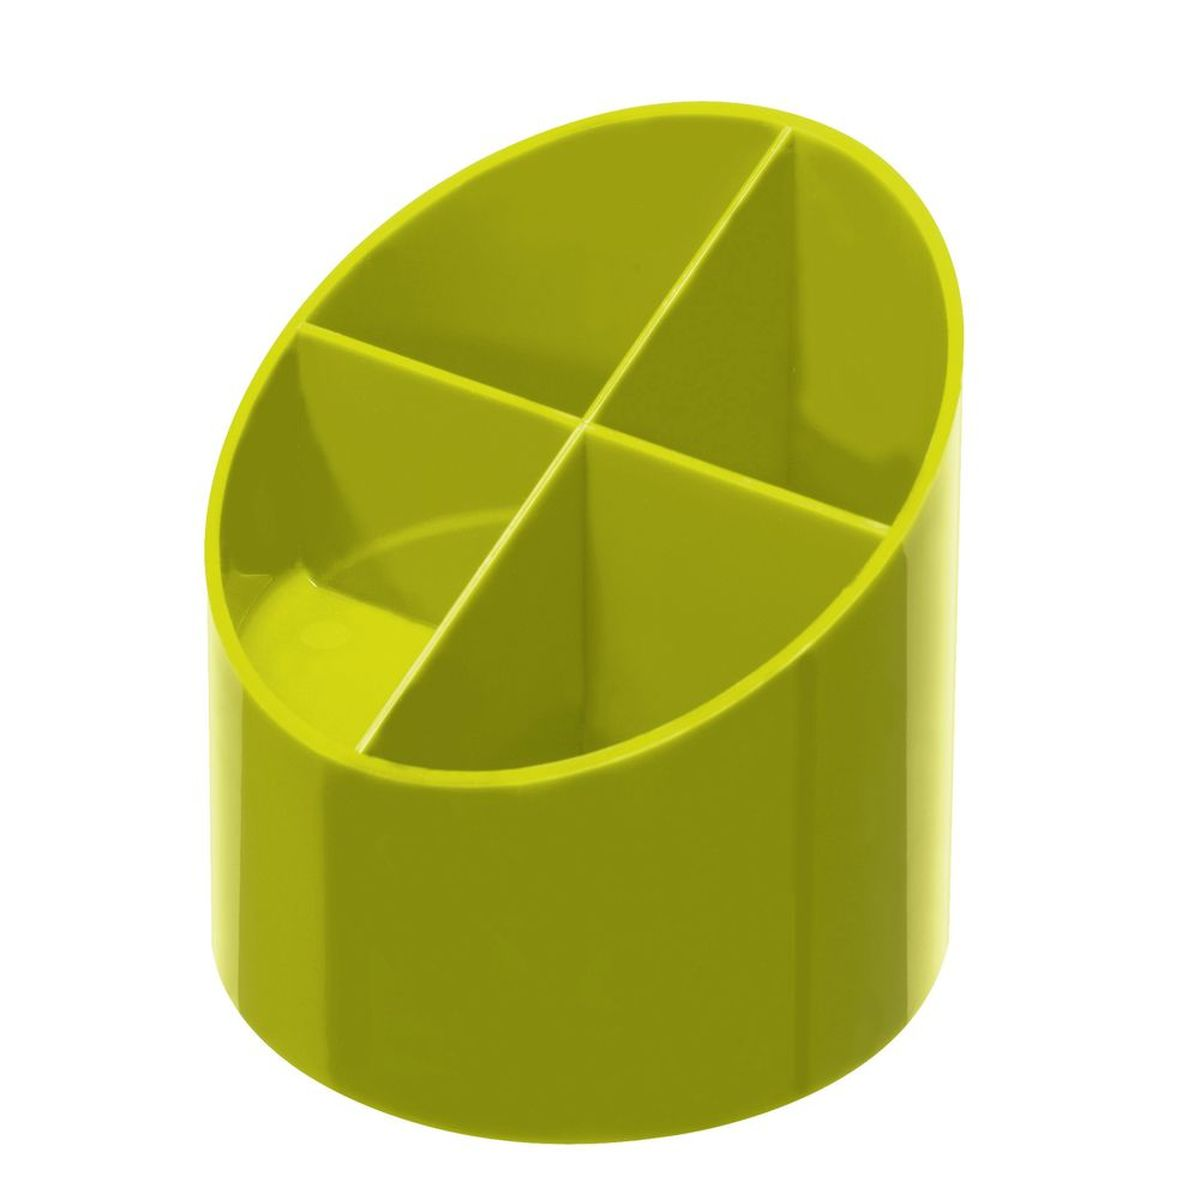 Herlitz Подставка для канцелярских принадлежностей Colour Blocking цвет лимонный11363736Практичная подставка для канцелярских принадлежностей Herlitz Colour Blocking поможет содержать порядок на рабочем столе. Она изготовлена из пластика и содержит 4 отделения. Яркий дизайн позволит ей стать достойным аксессуаром среди ваших канцелярских принадлежностей и будет дарить вам хорошее настроение.